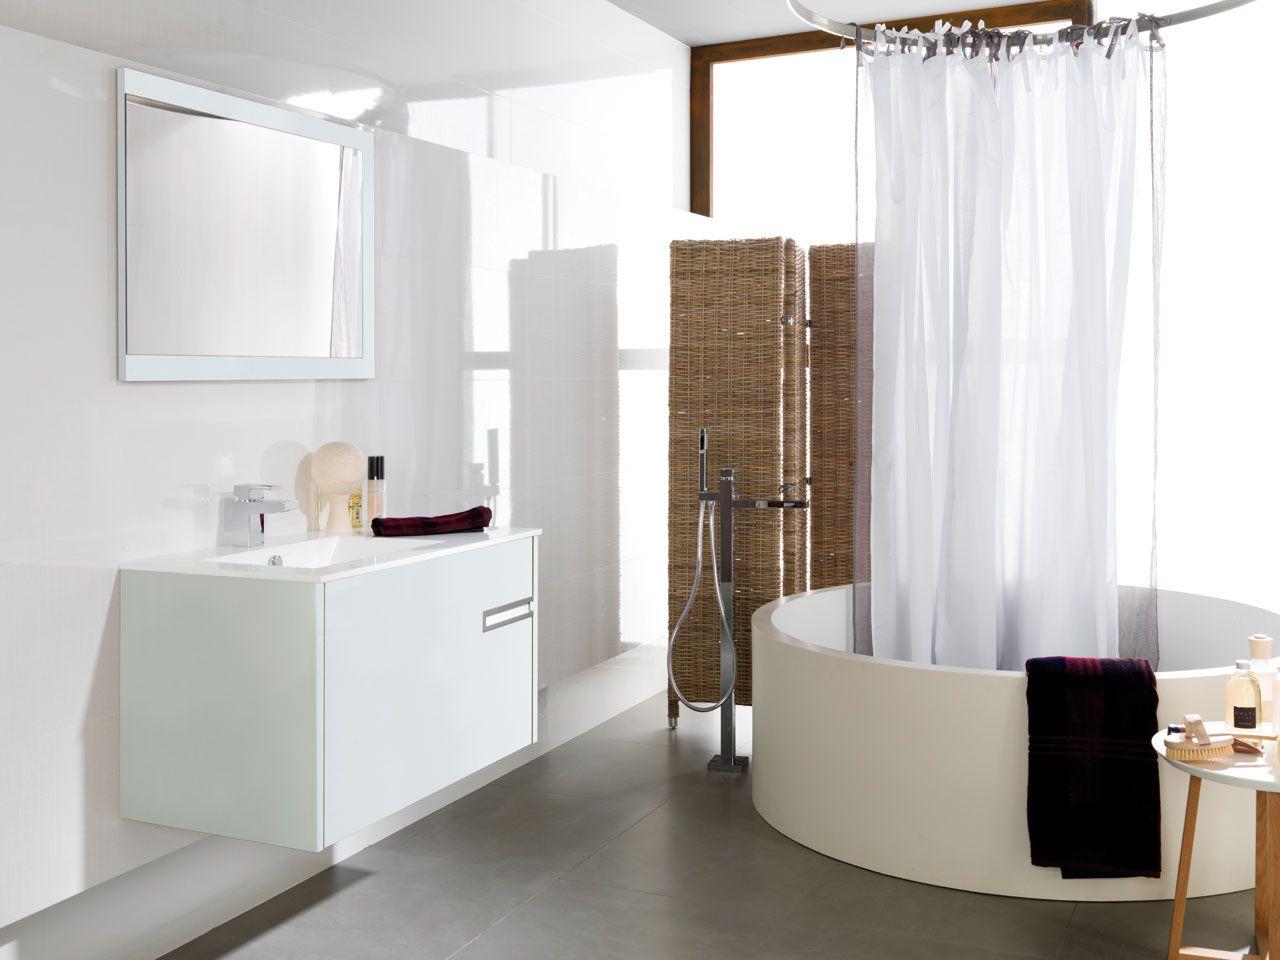 mobilier por la salle de bains  Mobilier salle de bain, Meuble